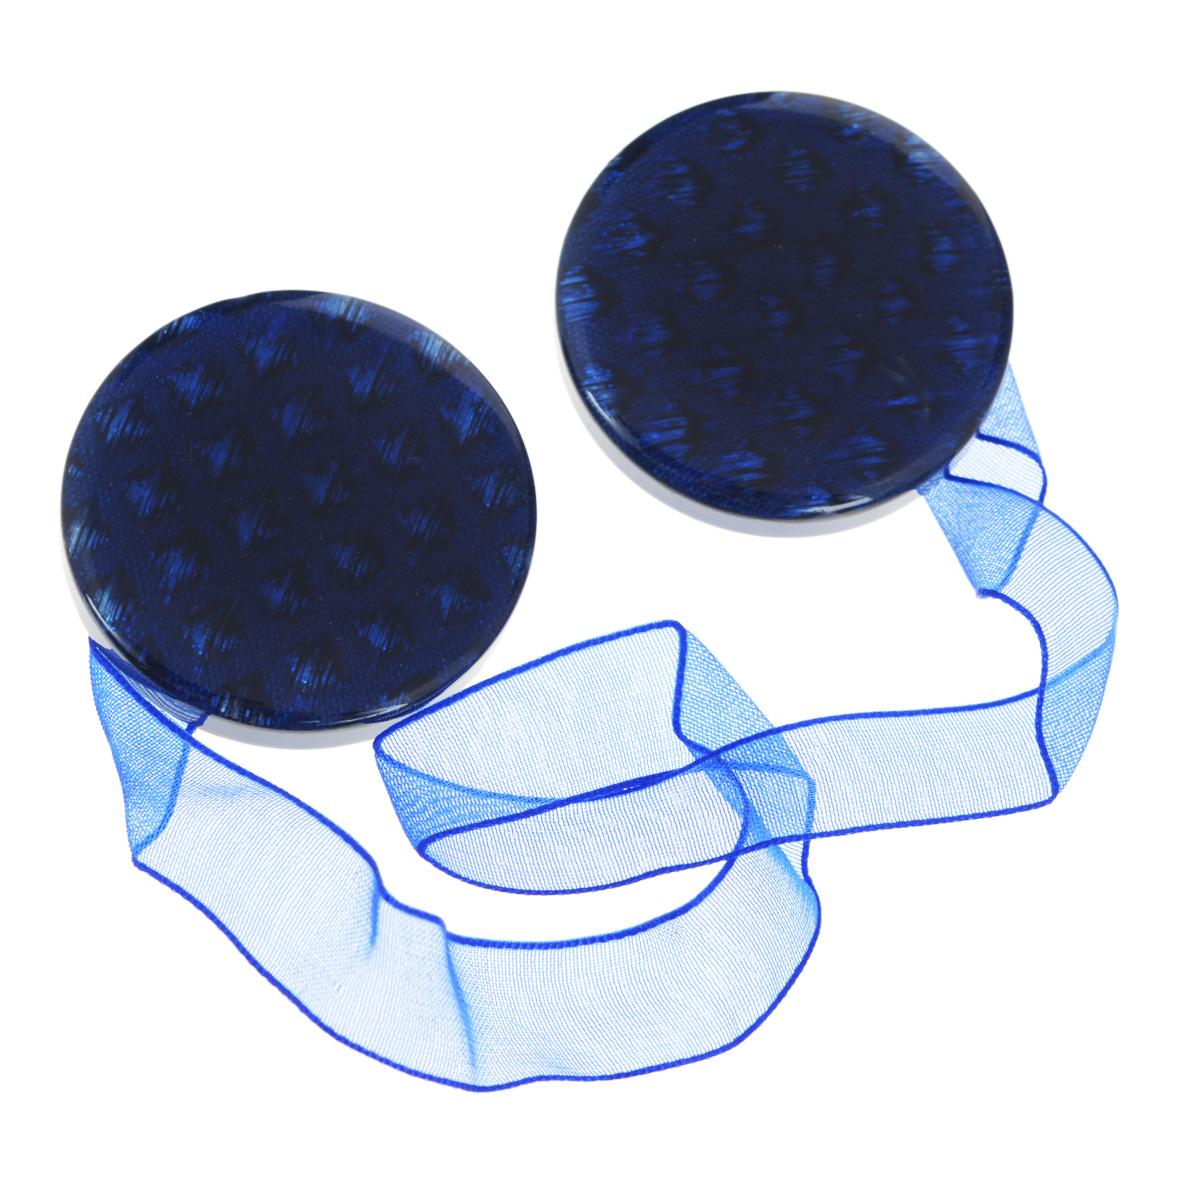 Клипса-магнит для штор Calamita Fiore, цвет: светло-синий. 7704005_7977704005_797Клипса-магнит Calamita Fiore, изготовленная из пластика, предназначена для придания формы шторам. Изделие представляет собой два магнита круглой формы, расположенные на разных концах текстильной ленты. С помощью такой магнитной клипсы можно зафиксировать портьеры, придать им требуемое положение, сделать складки симметричными или приблизить портьеры, скрепить их. Клипсы для штор являются универсальным изделием, которое превосходно подойдет как для штор в детской комнате, так и для штор в гостиной. Следует отметить, что клипсы для штор выполняют не только практическую функцию, но также являются одной из основных деталей декора этого изделия, которая придает шторам восхитительный, стильный внешний вид. Материал: полиэстер, пластик, магнит.Диаметр клипсы: 4 см.Длина ленты: 28 см.